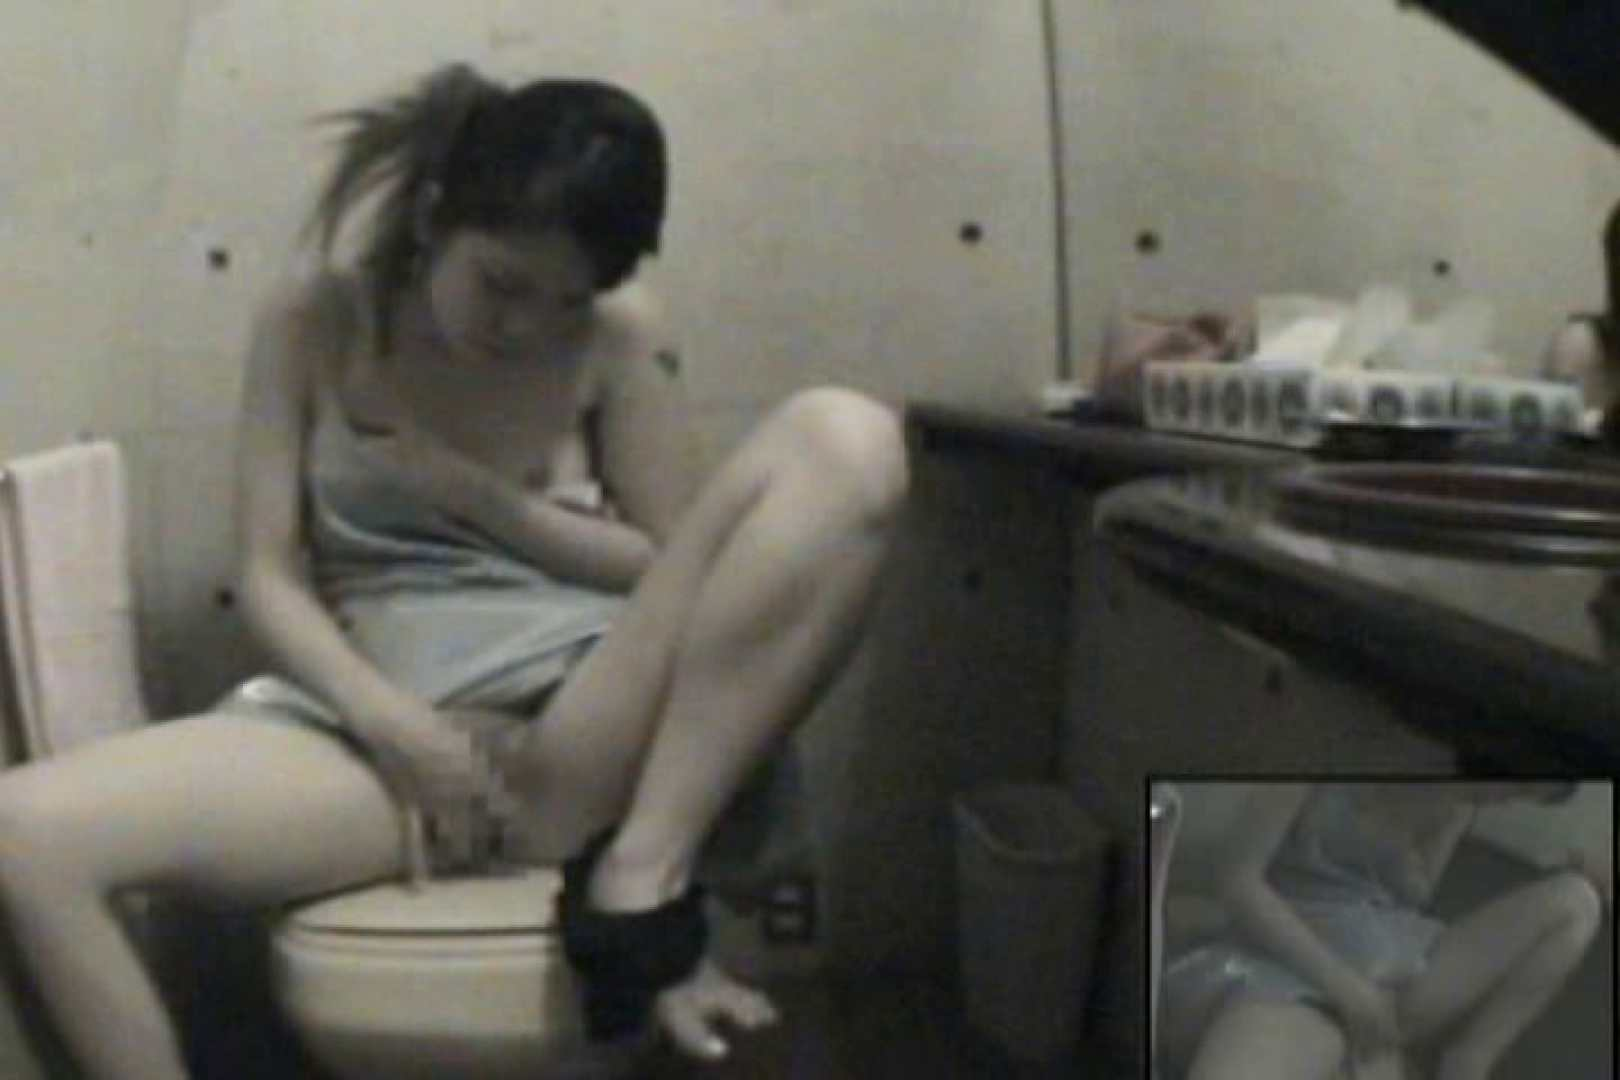 キャバ嬢は仕事の合間でもオナニーします!!Vol.6 オナニーする女性たち 隠し撮りオマンコ動画紹介 80画像 63